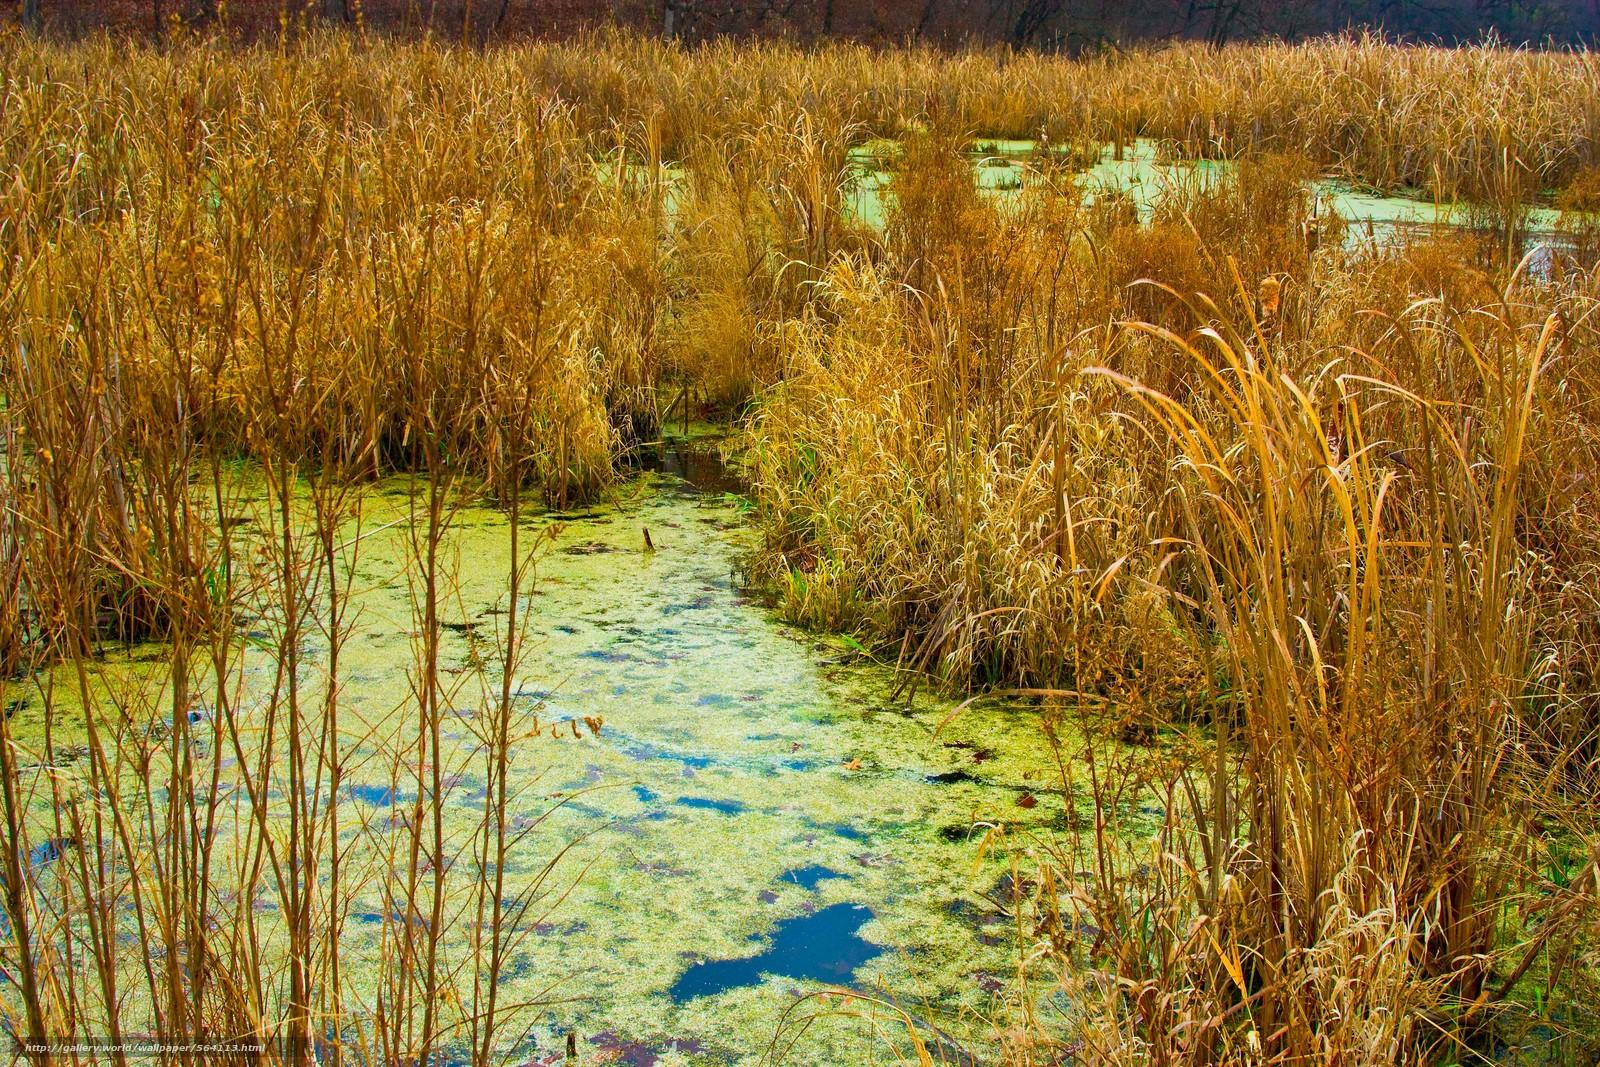 下载壁纸 秋,  草,  沼泽 免费为您的桌面分辨率的壁纸 4272x2848 — 图片 №564113